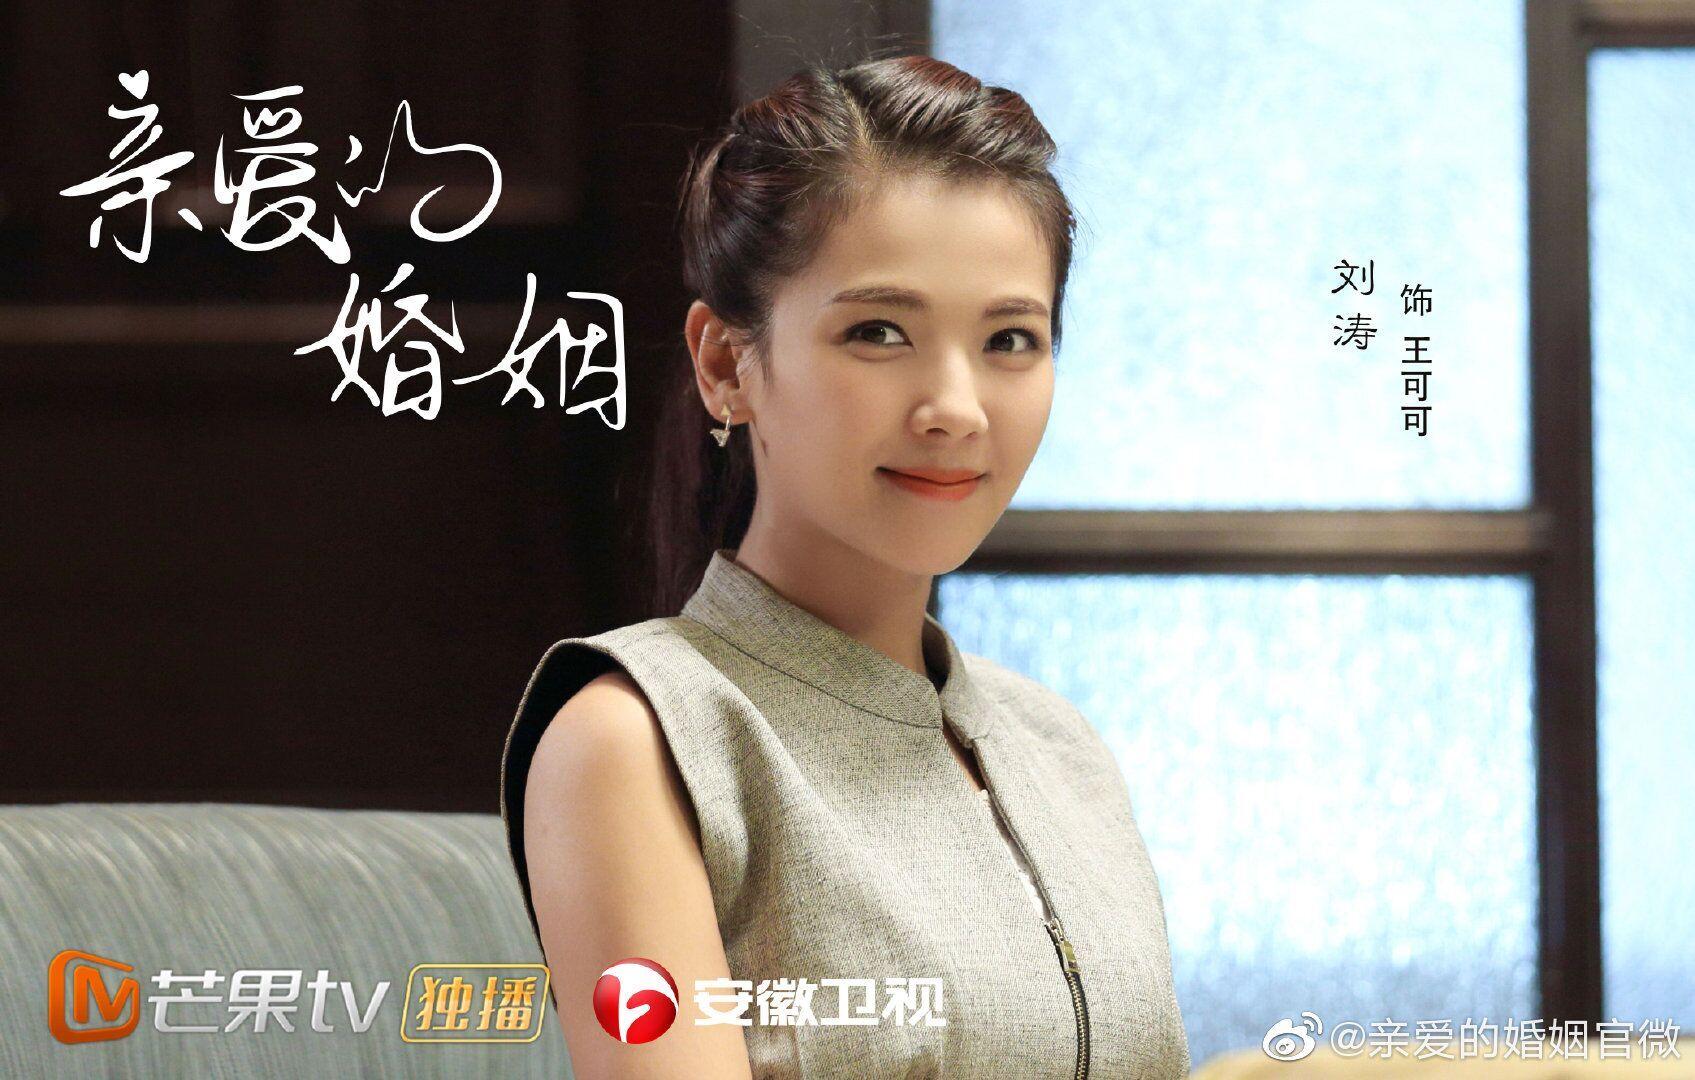 刘涛个人资料简介_马天宇刘涛.htm -微博生活网